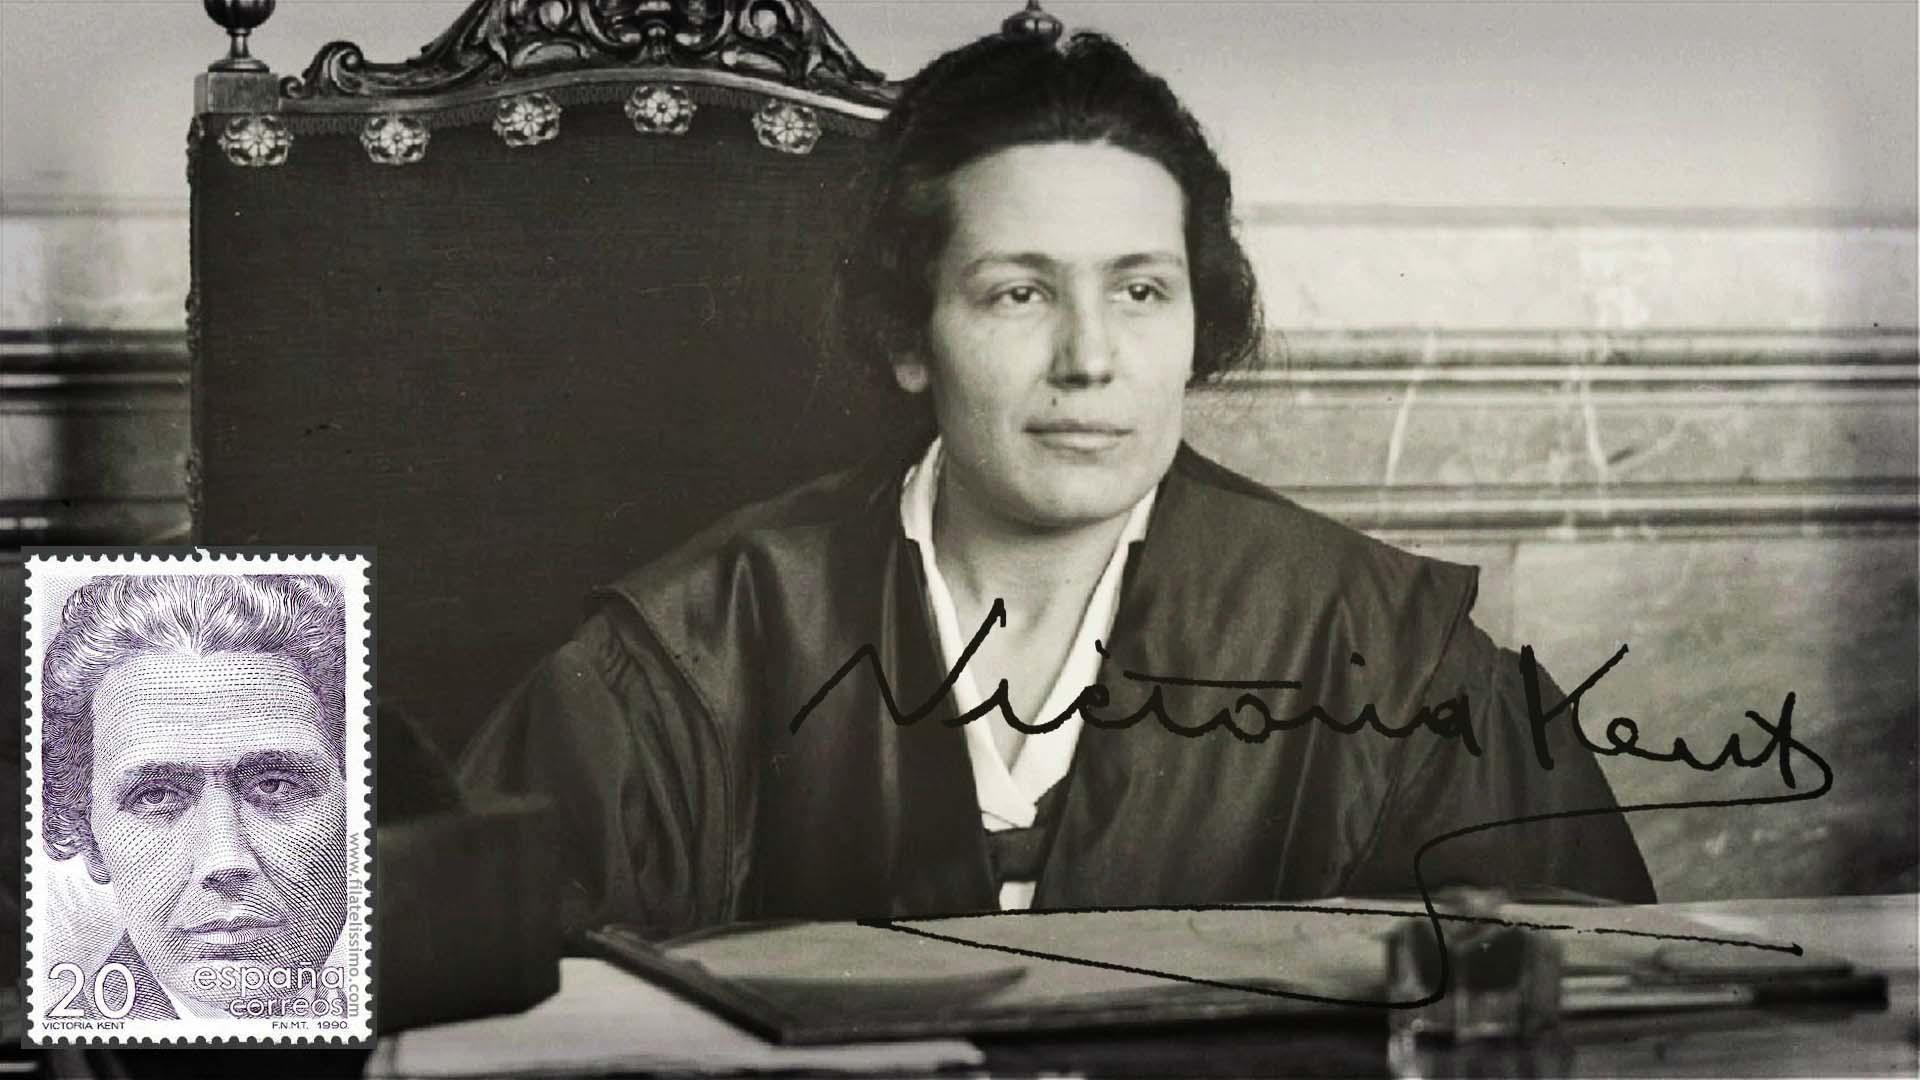 Victoria Kent en una foto de sus comienzos, como abogada, en la Audiencia Provincial de Madrid; el sello con su efigie fue acuñado en 1990 por la Fábrica Nacional de Moneda y Timbre como homenaje a su persona. RTVE.